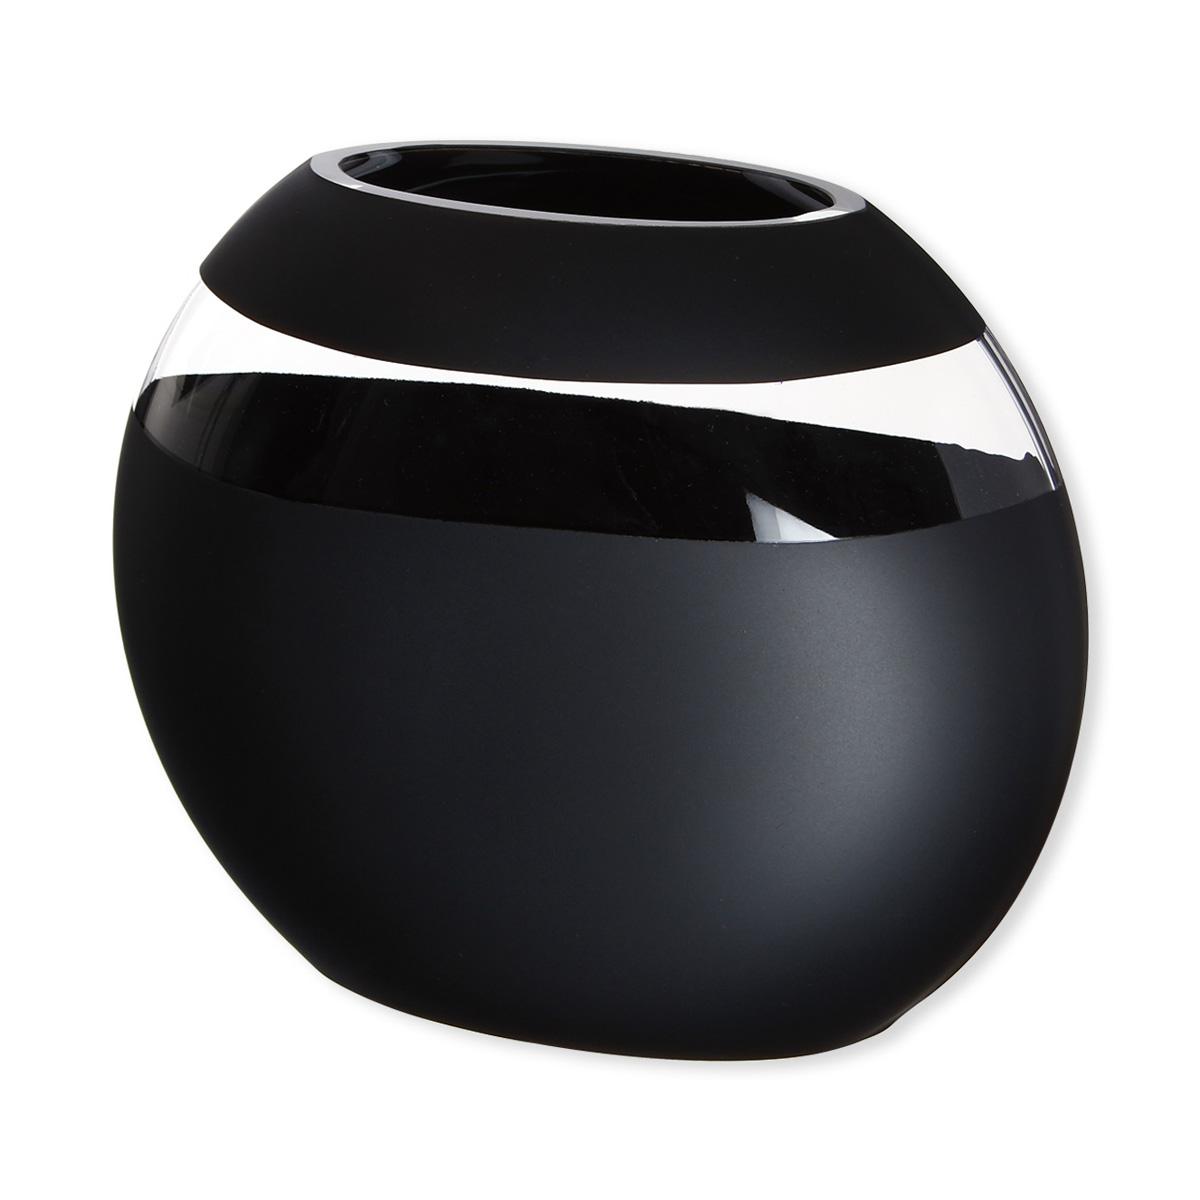 grand vase design en verre satin noir souffl bouche. Black Bedroom Furniture Sets. Home Design Ideas